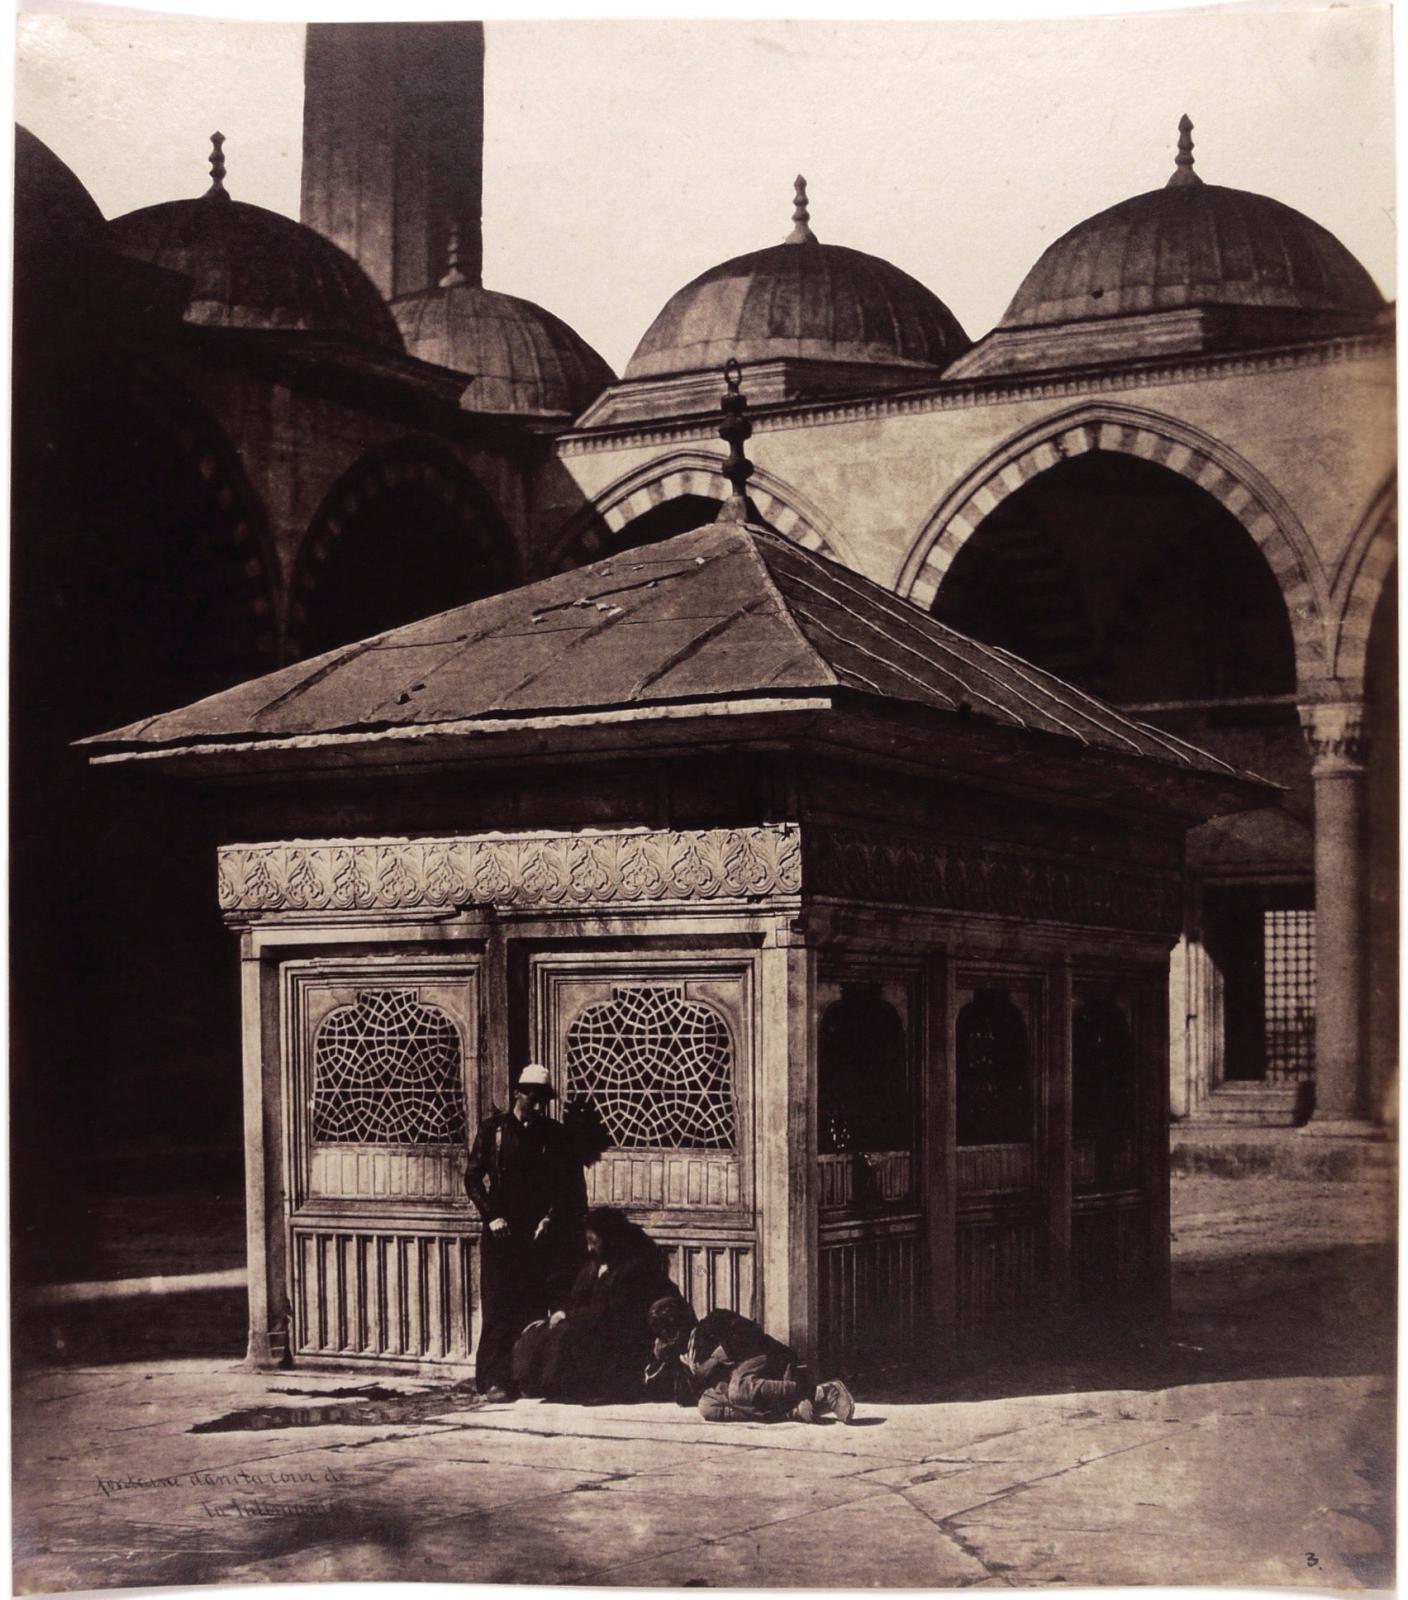 James Robertson (1813-1888) et Felice Beato (1832-1909), Fontaine dans la cour de la Mosquée bleue (reproduite)et Fontaine dans la cour de